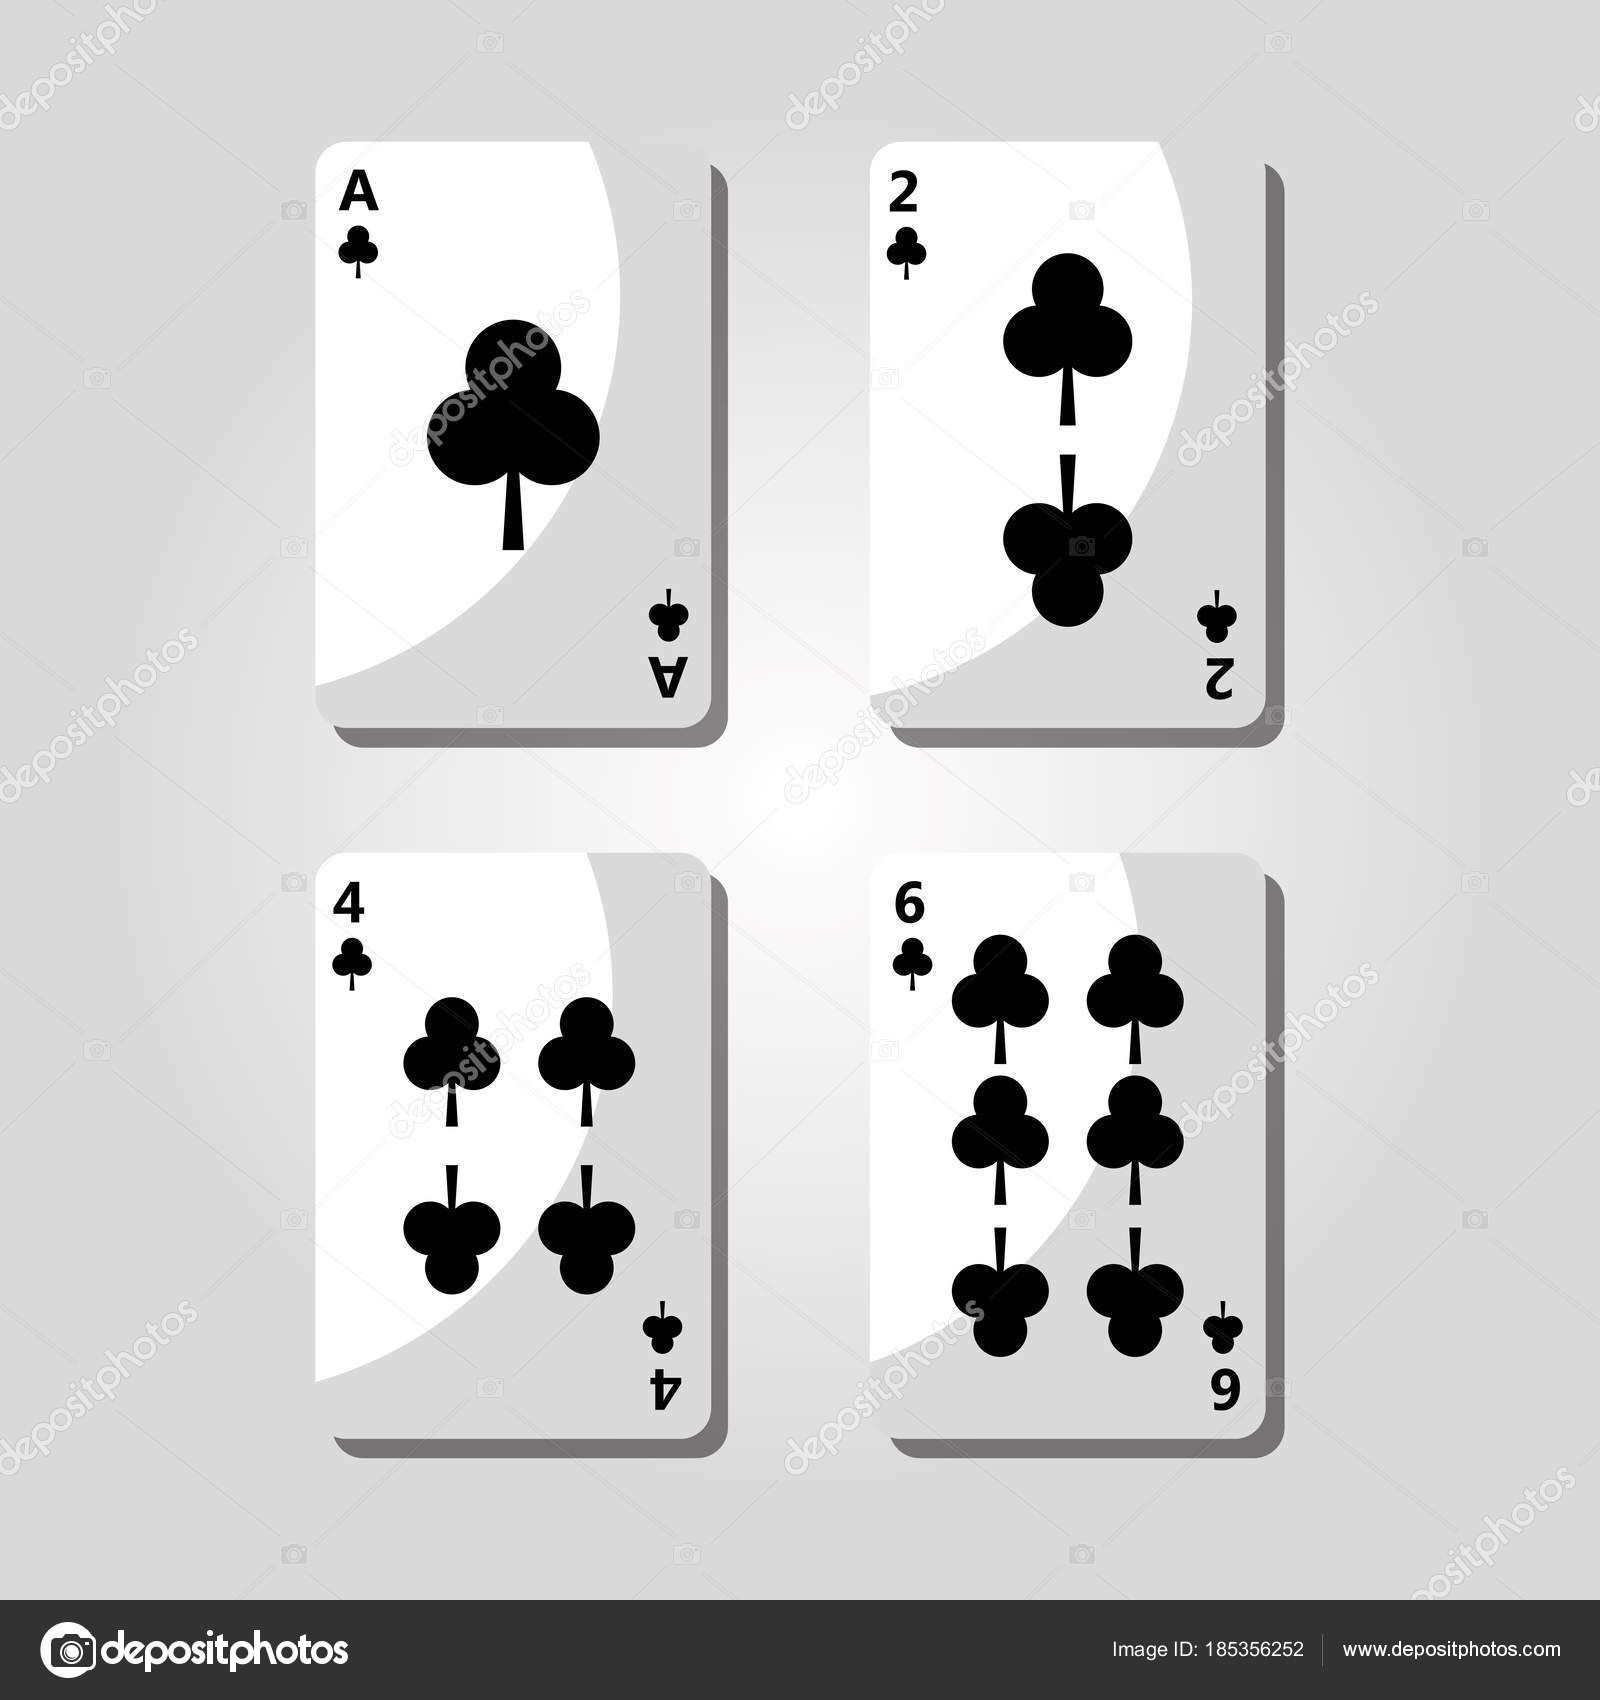 Imagenes Trebol De Poker Cartas De Trebol Poker Juego Icono De